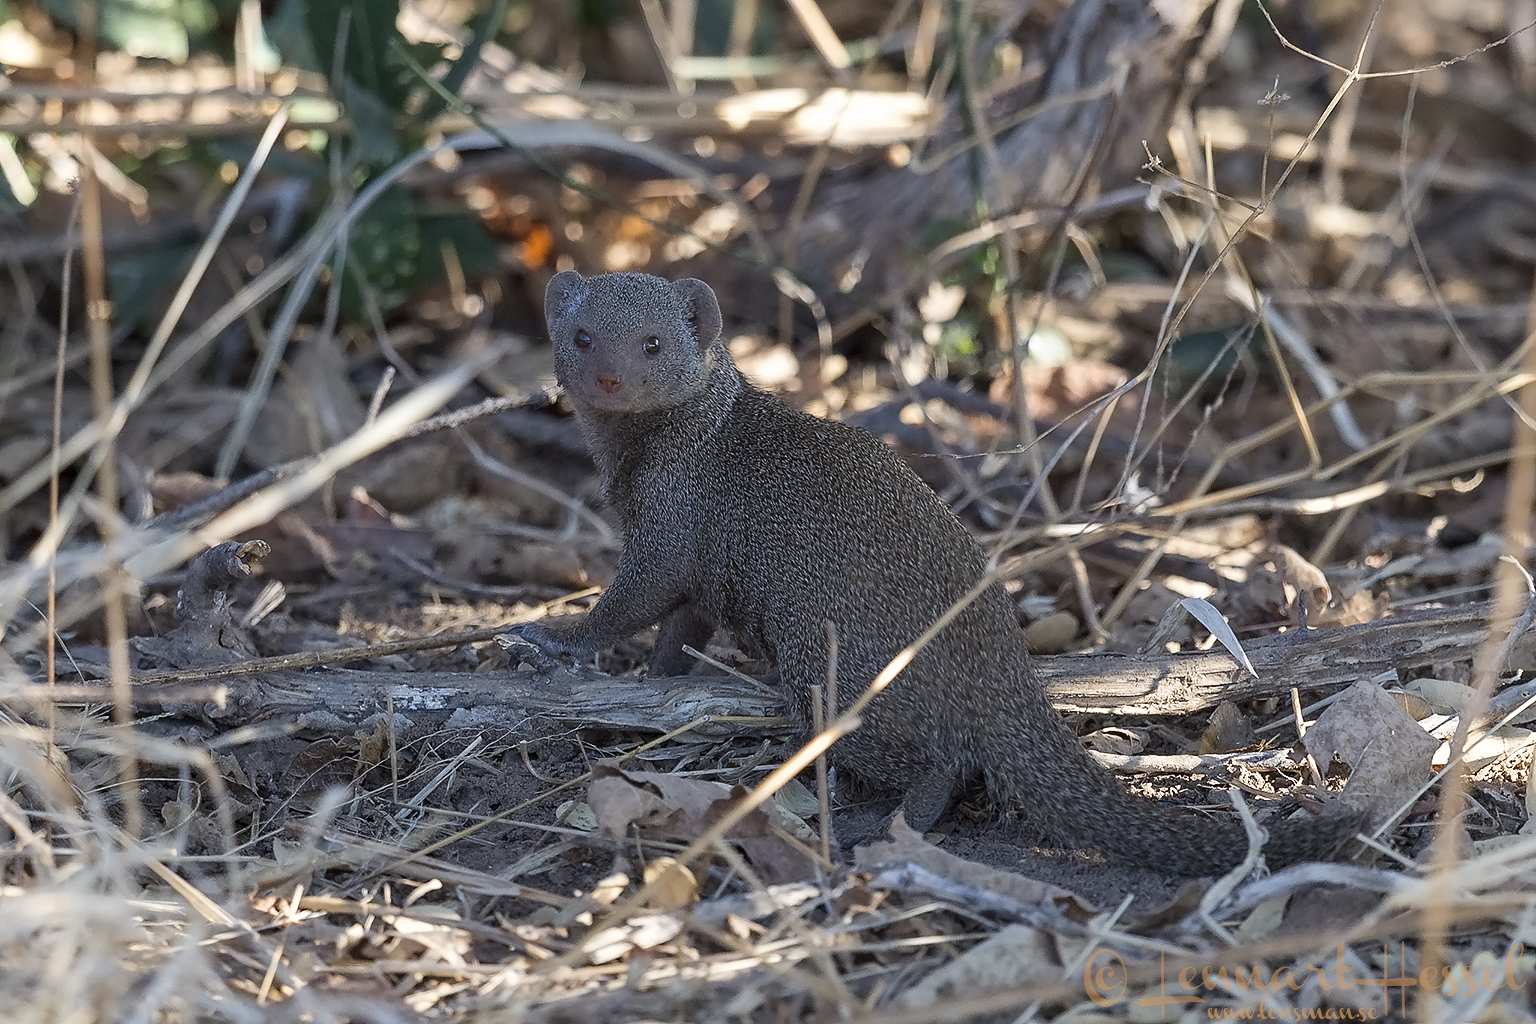 Dwarf Mongoose Mana Pools National Park, Zimbabwe